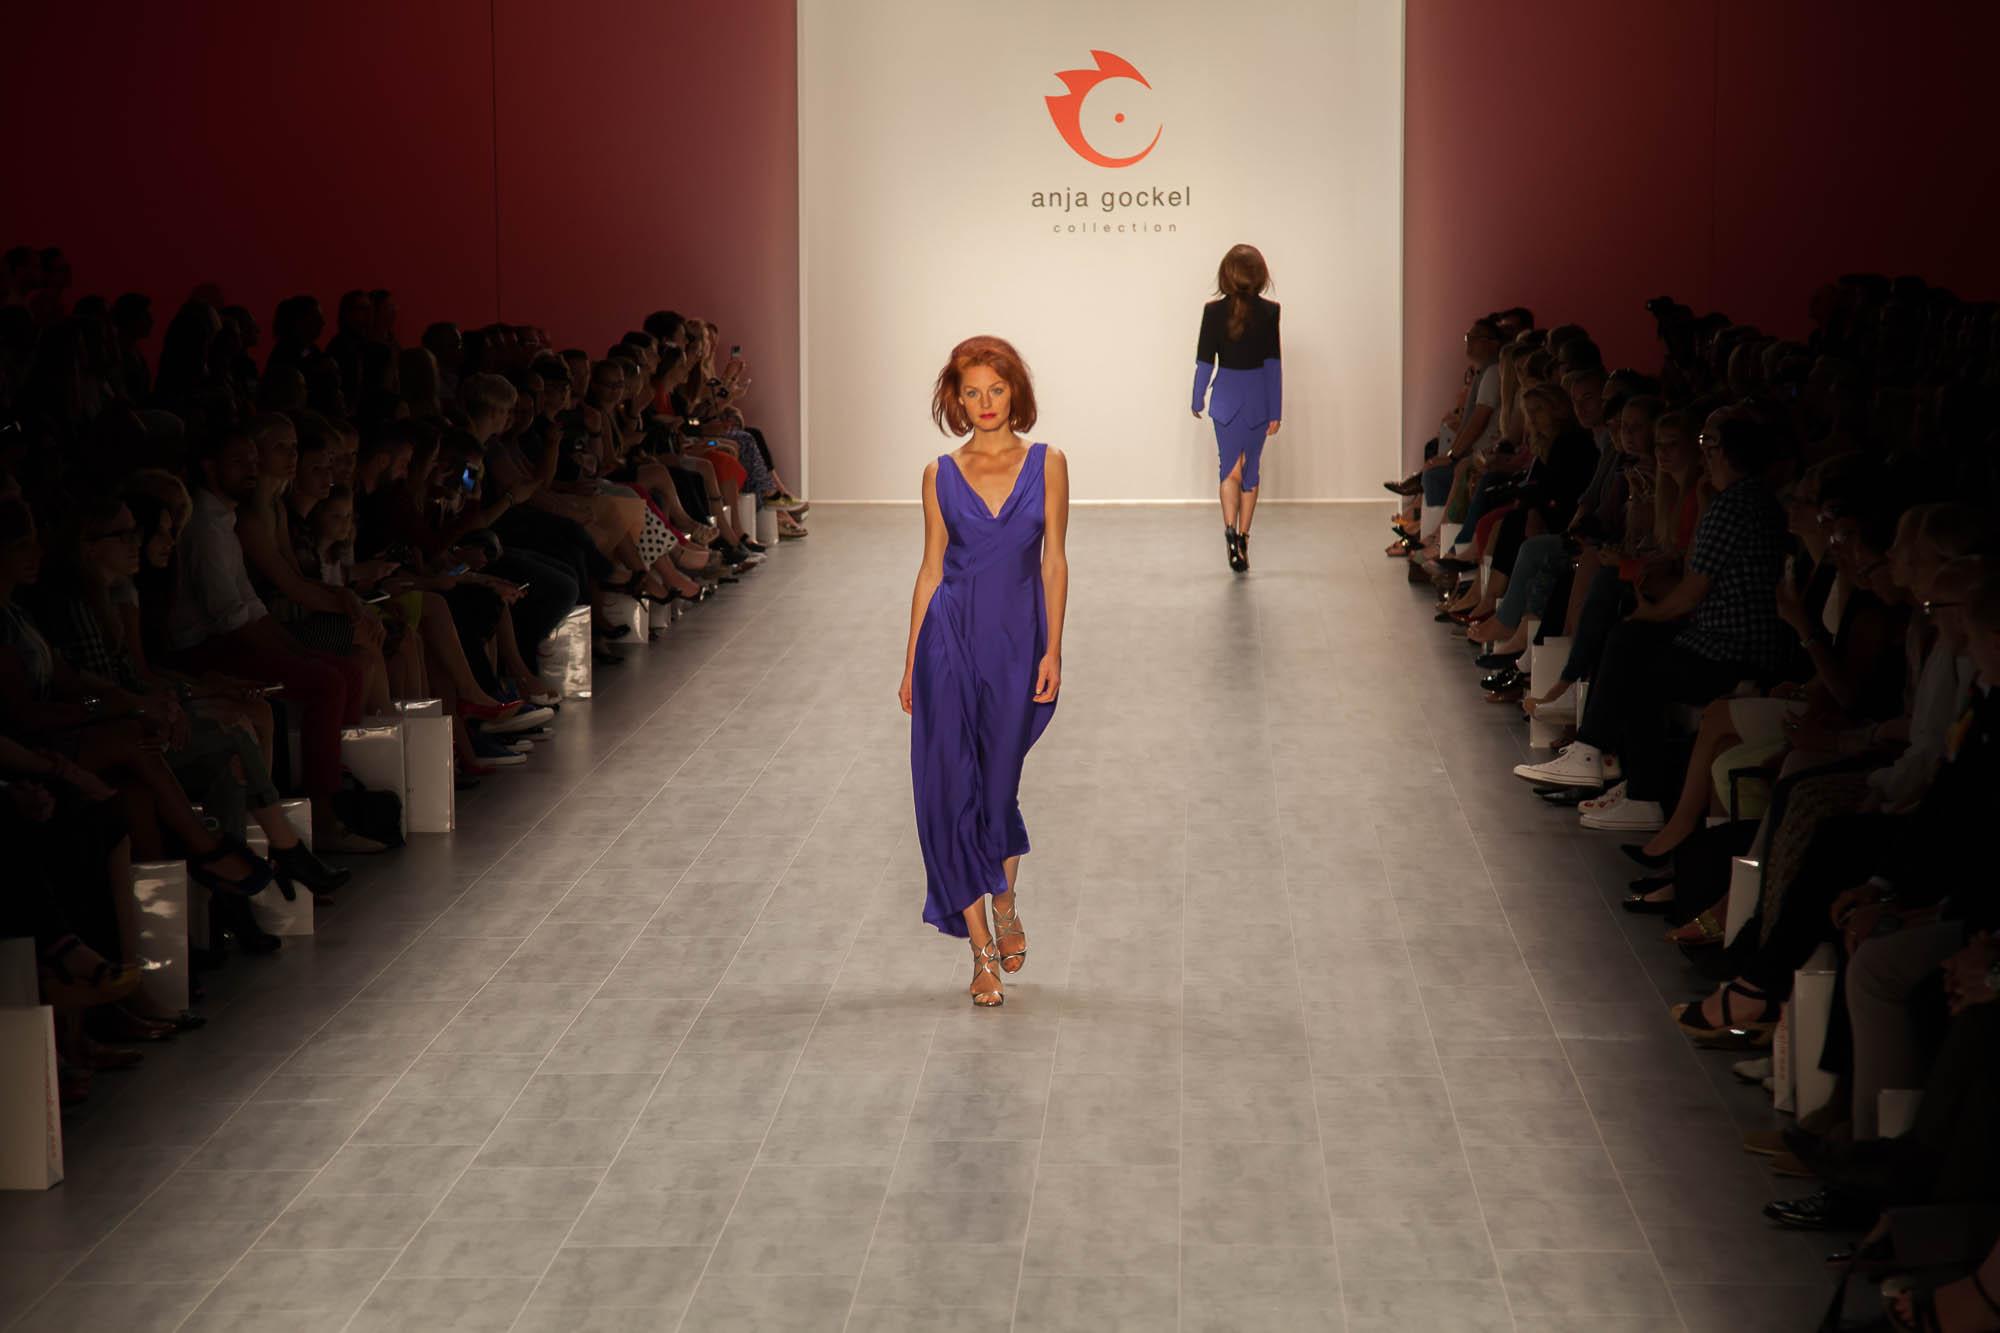 20140709-Fashionweek-anjagockel-04